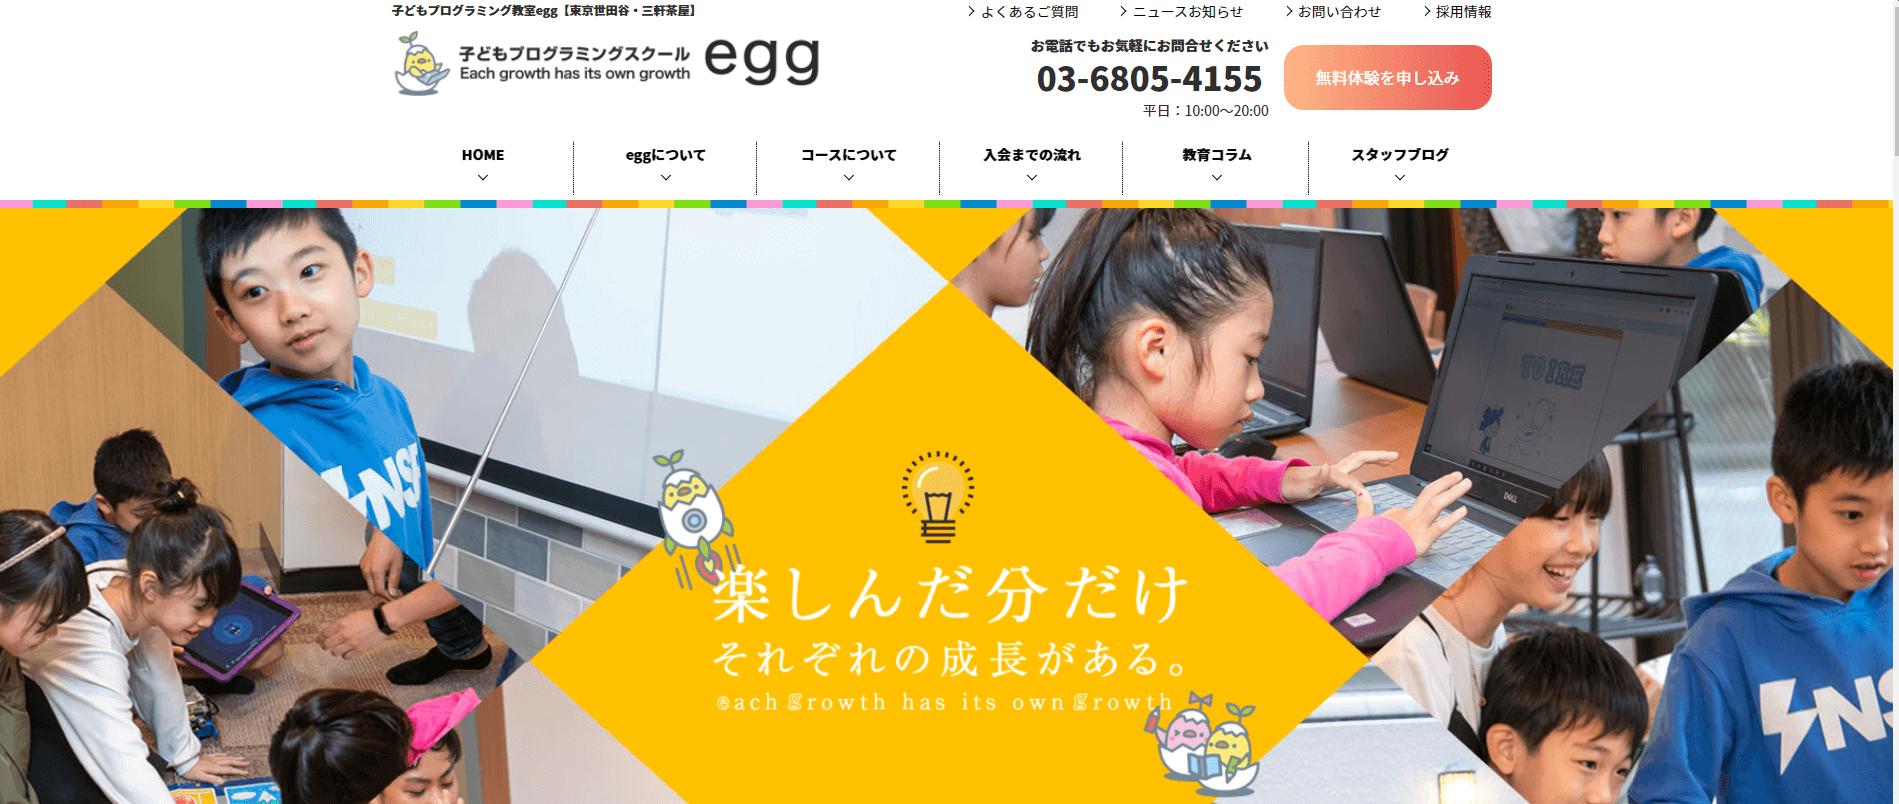 プログラミングスクール_子ども_おすすめ_egg